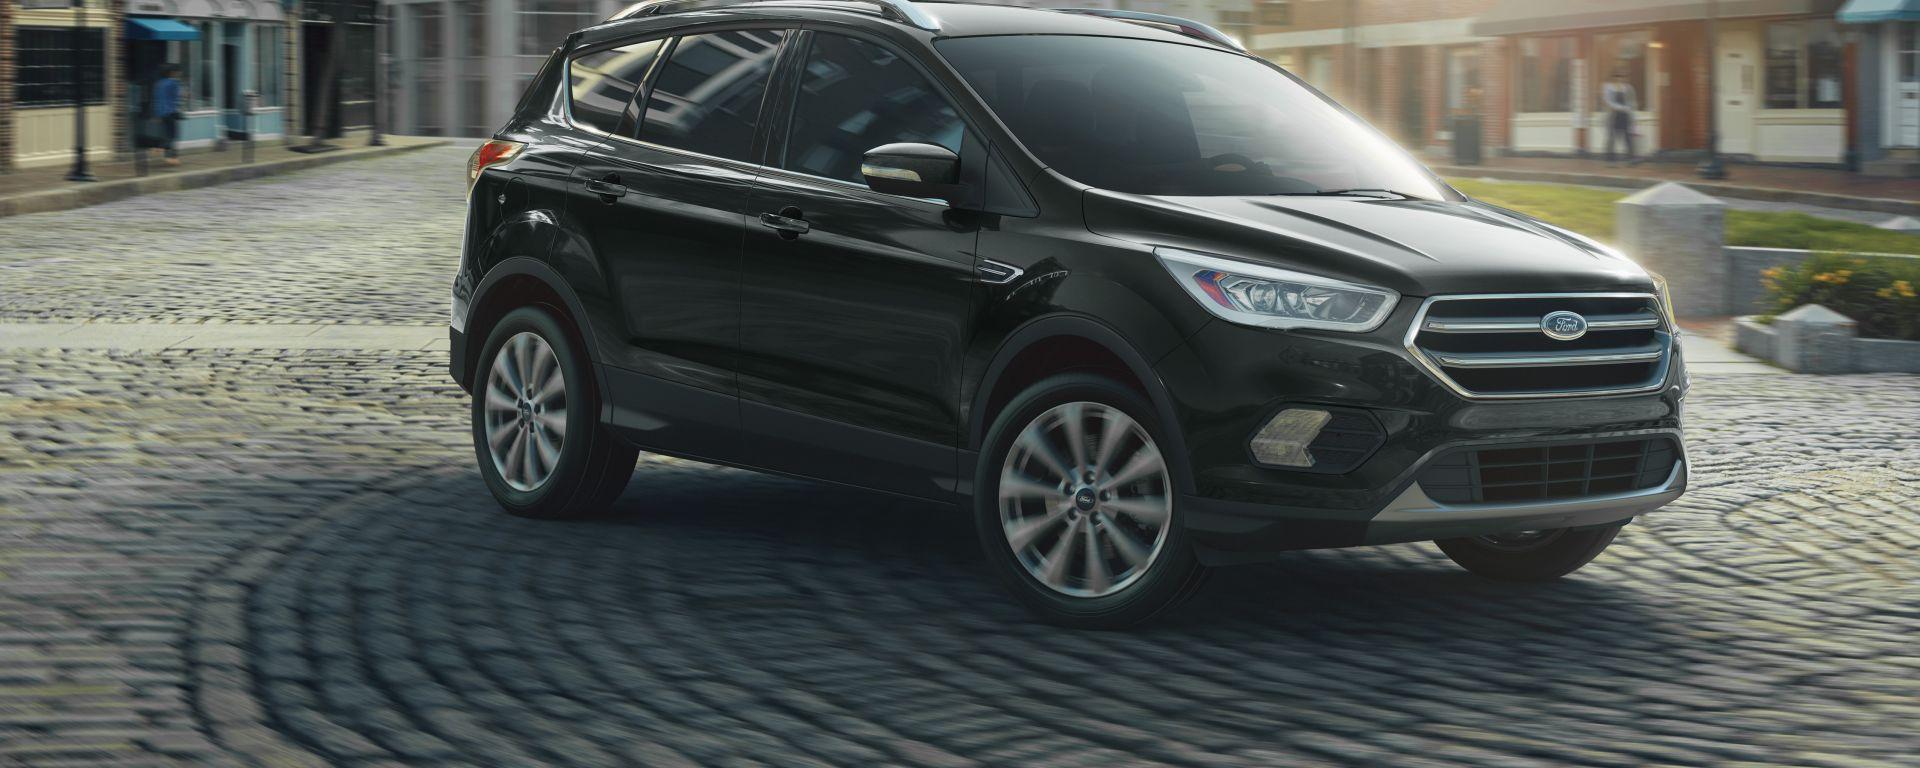 Nuova Ford Kuga, nel 2020 arriva la configurazione a 7 posti